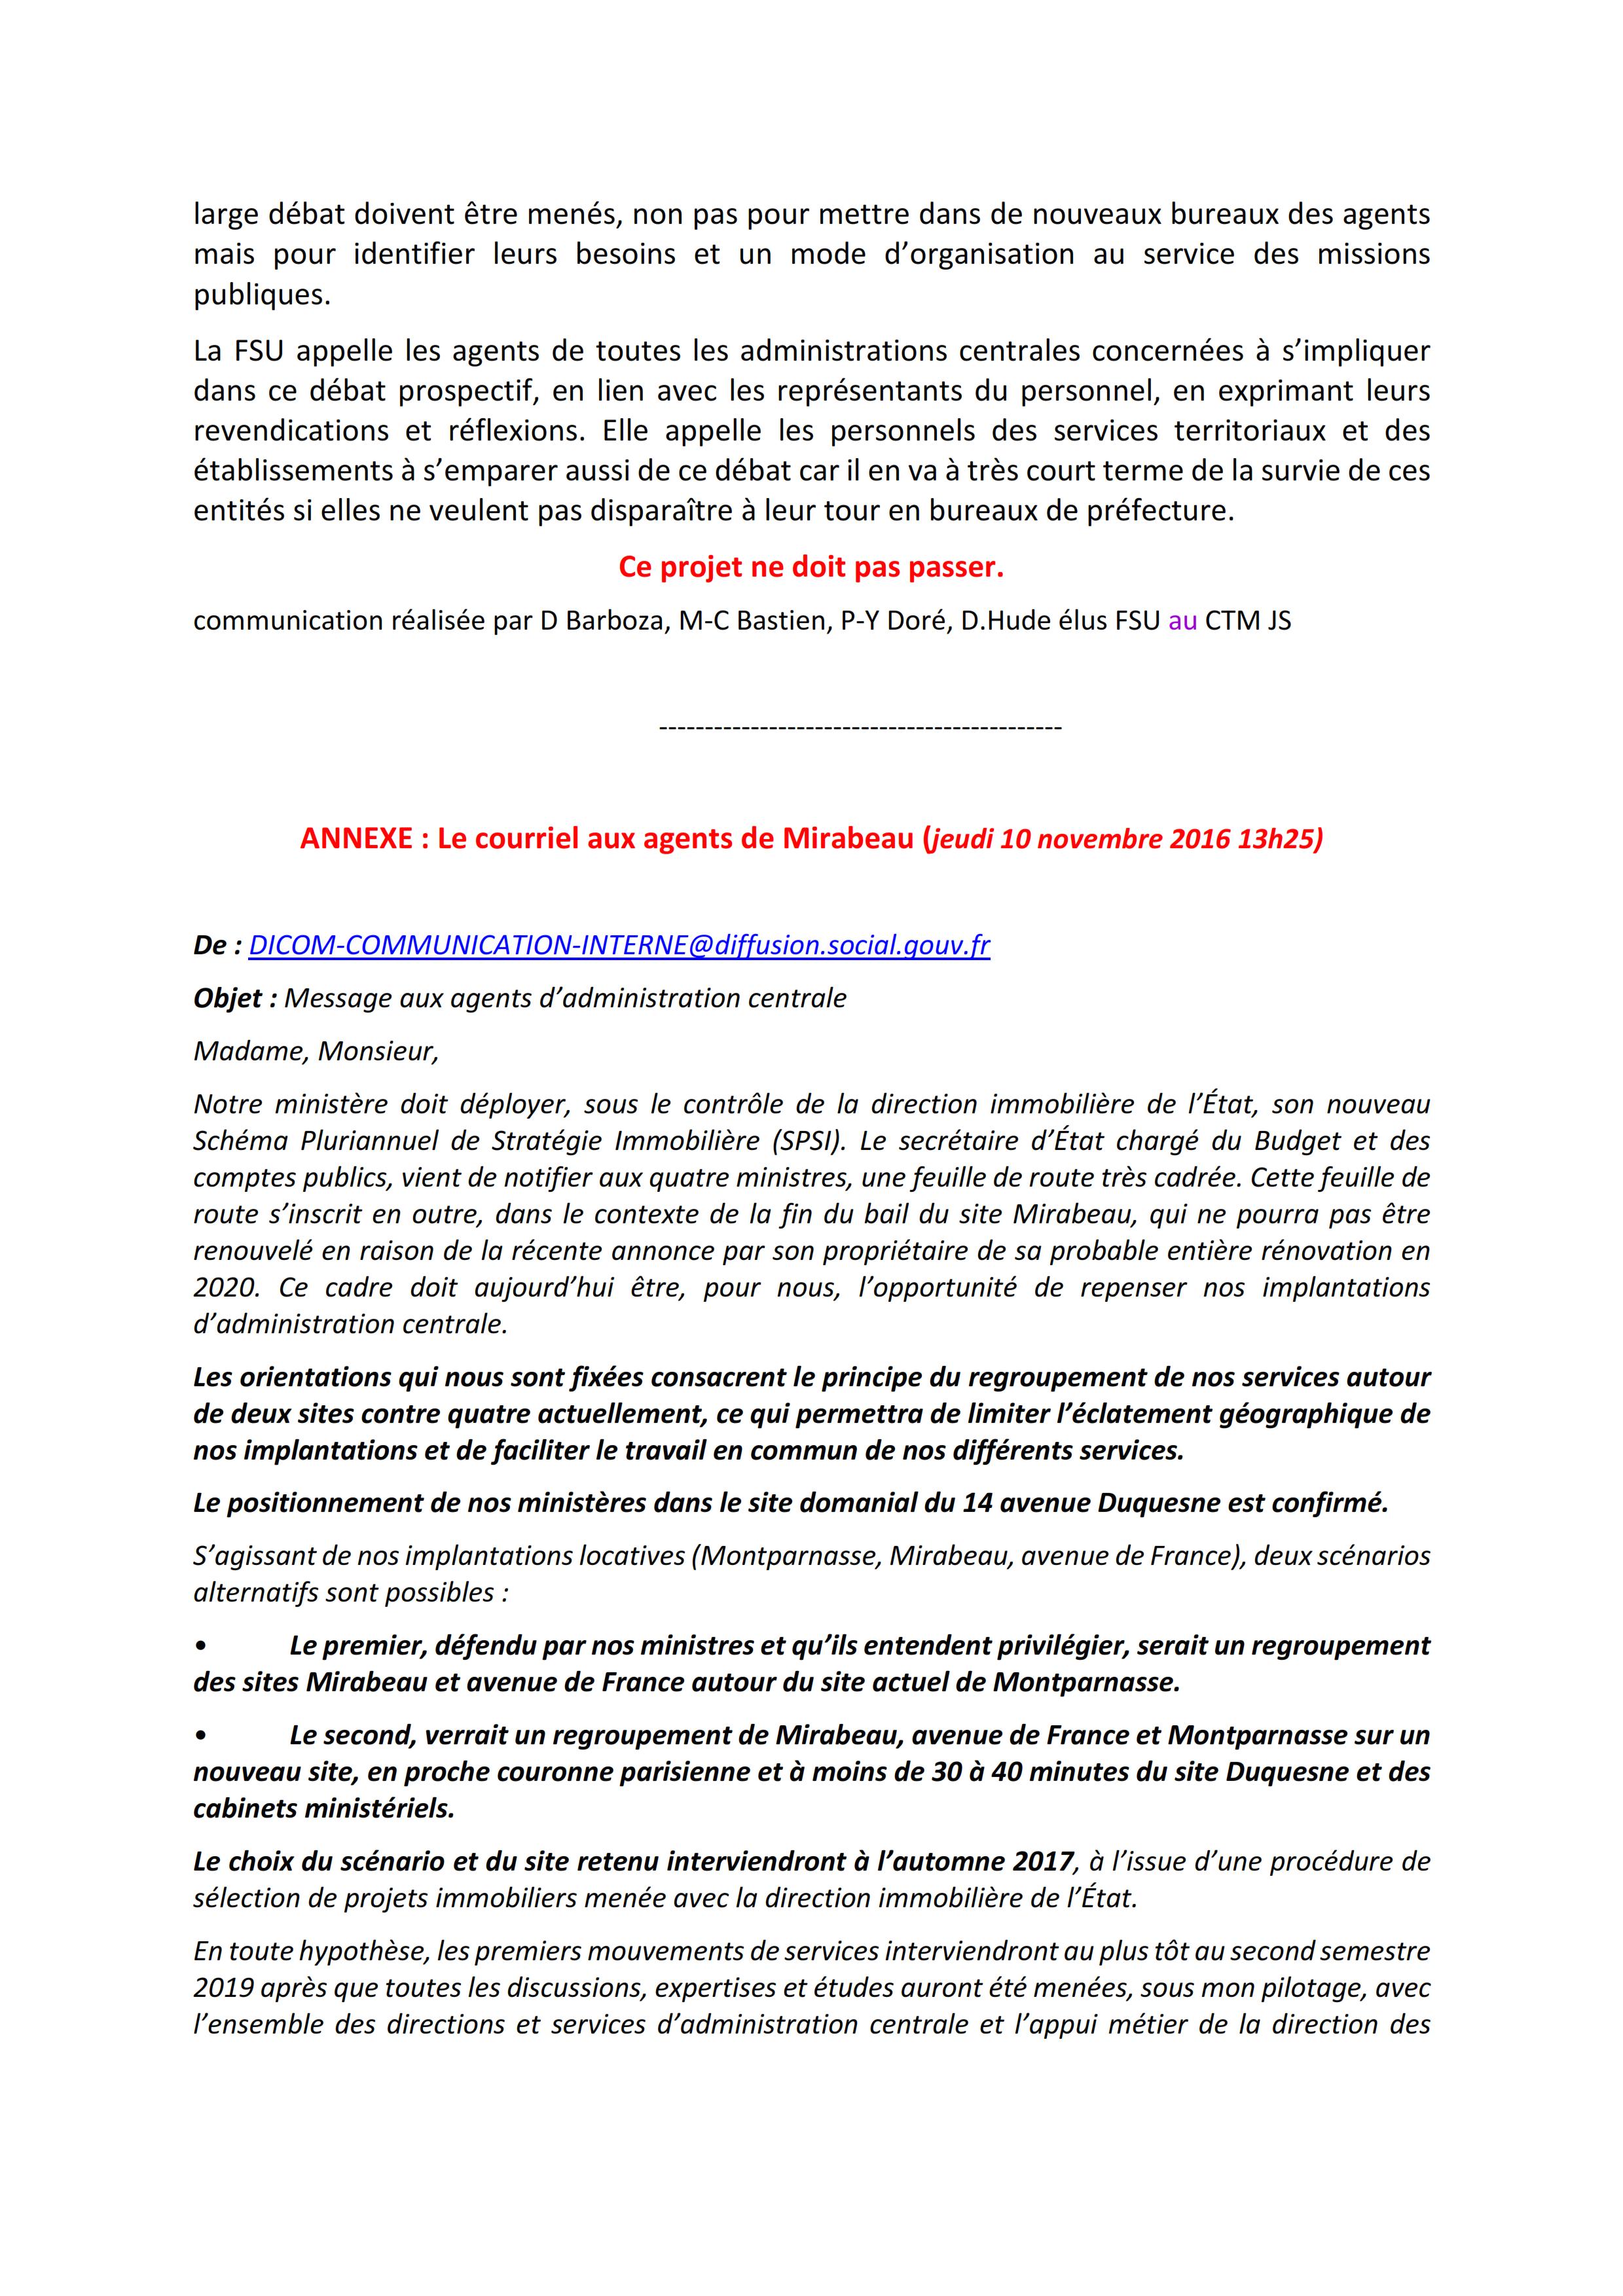 communication-fsu-disparition-fusion-sites-centraux-cohesion-sociale_003